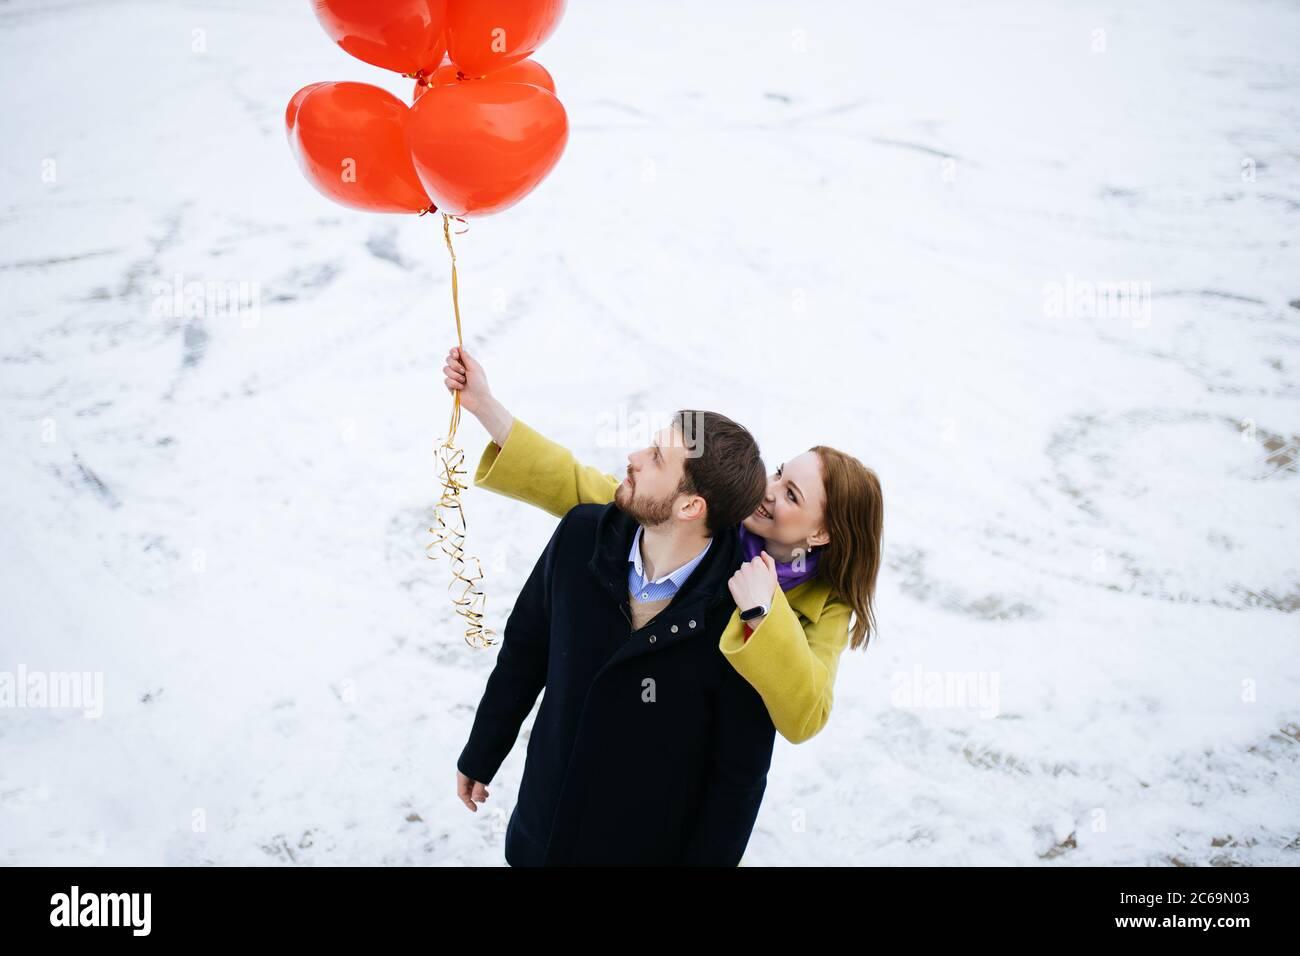 coppia caucasica fate una passeggiata in strada invernale, celebrando saint valentines giorno all'aperto. felice uomo e donna con palloncini d'aria rossa, su un romantico dat Foto Stock